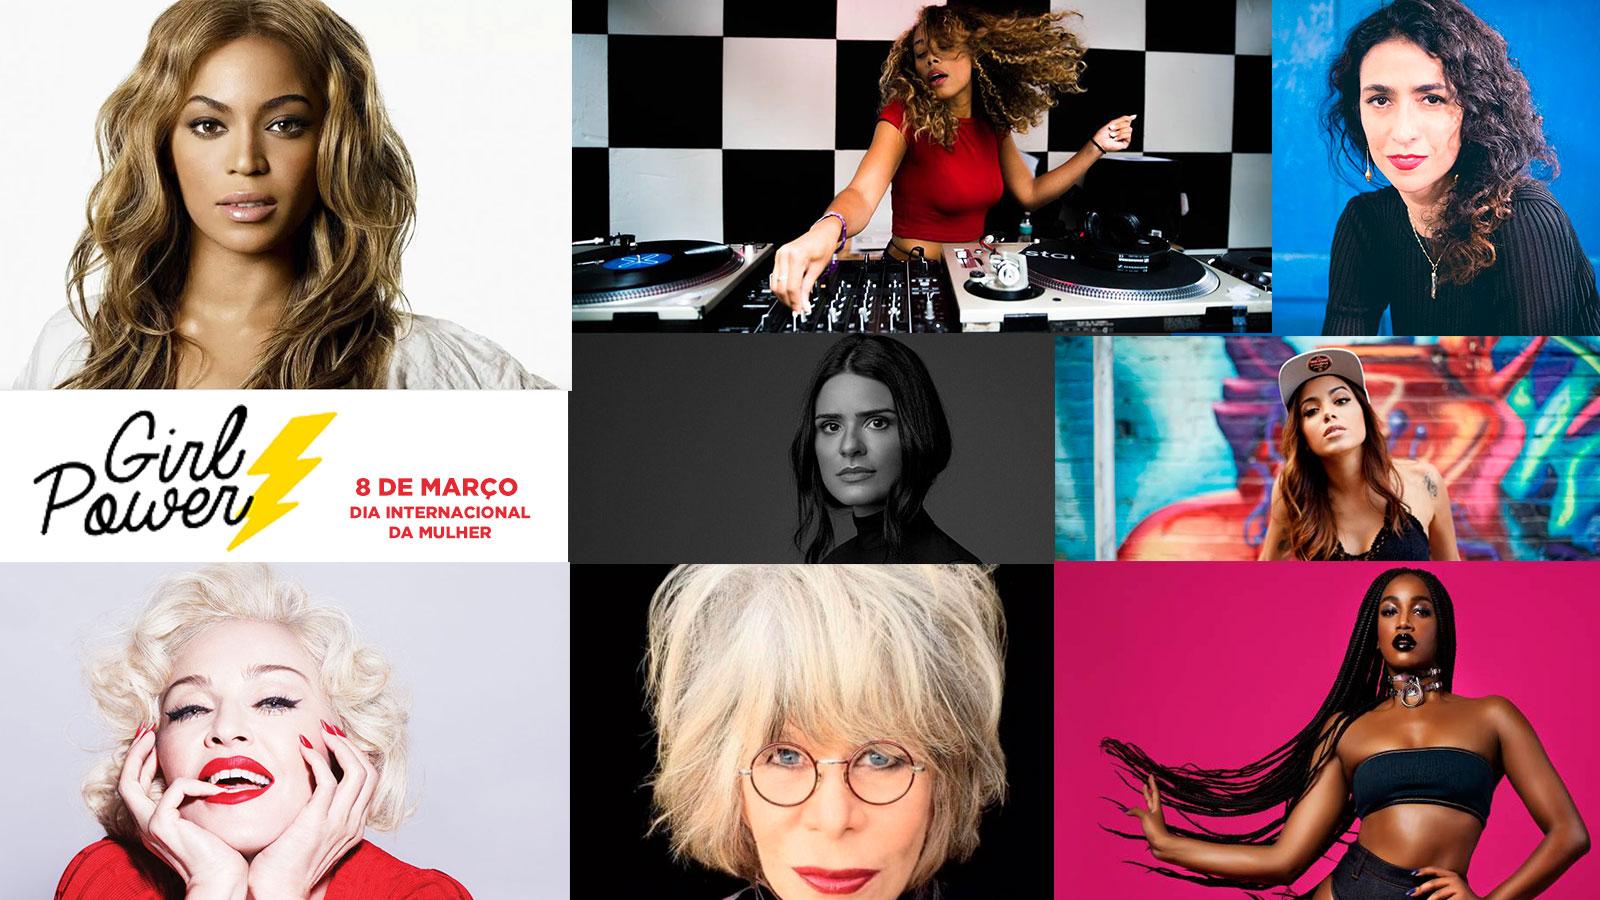 Mulheres no comando da música para comemorar o Dia Internacional da Mulher